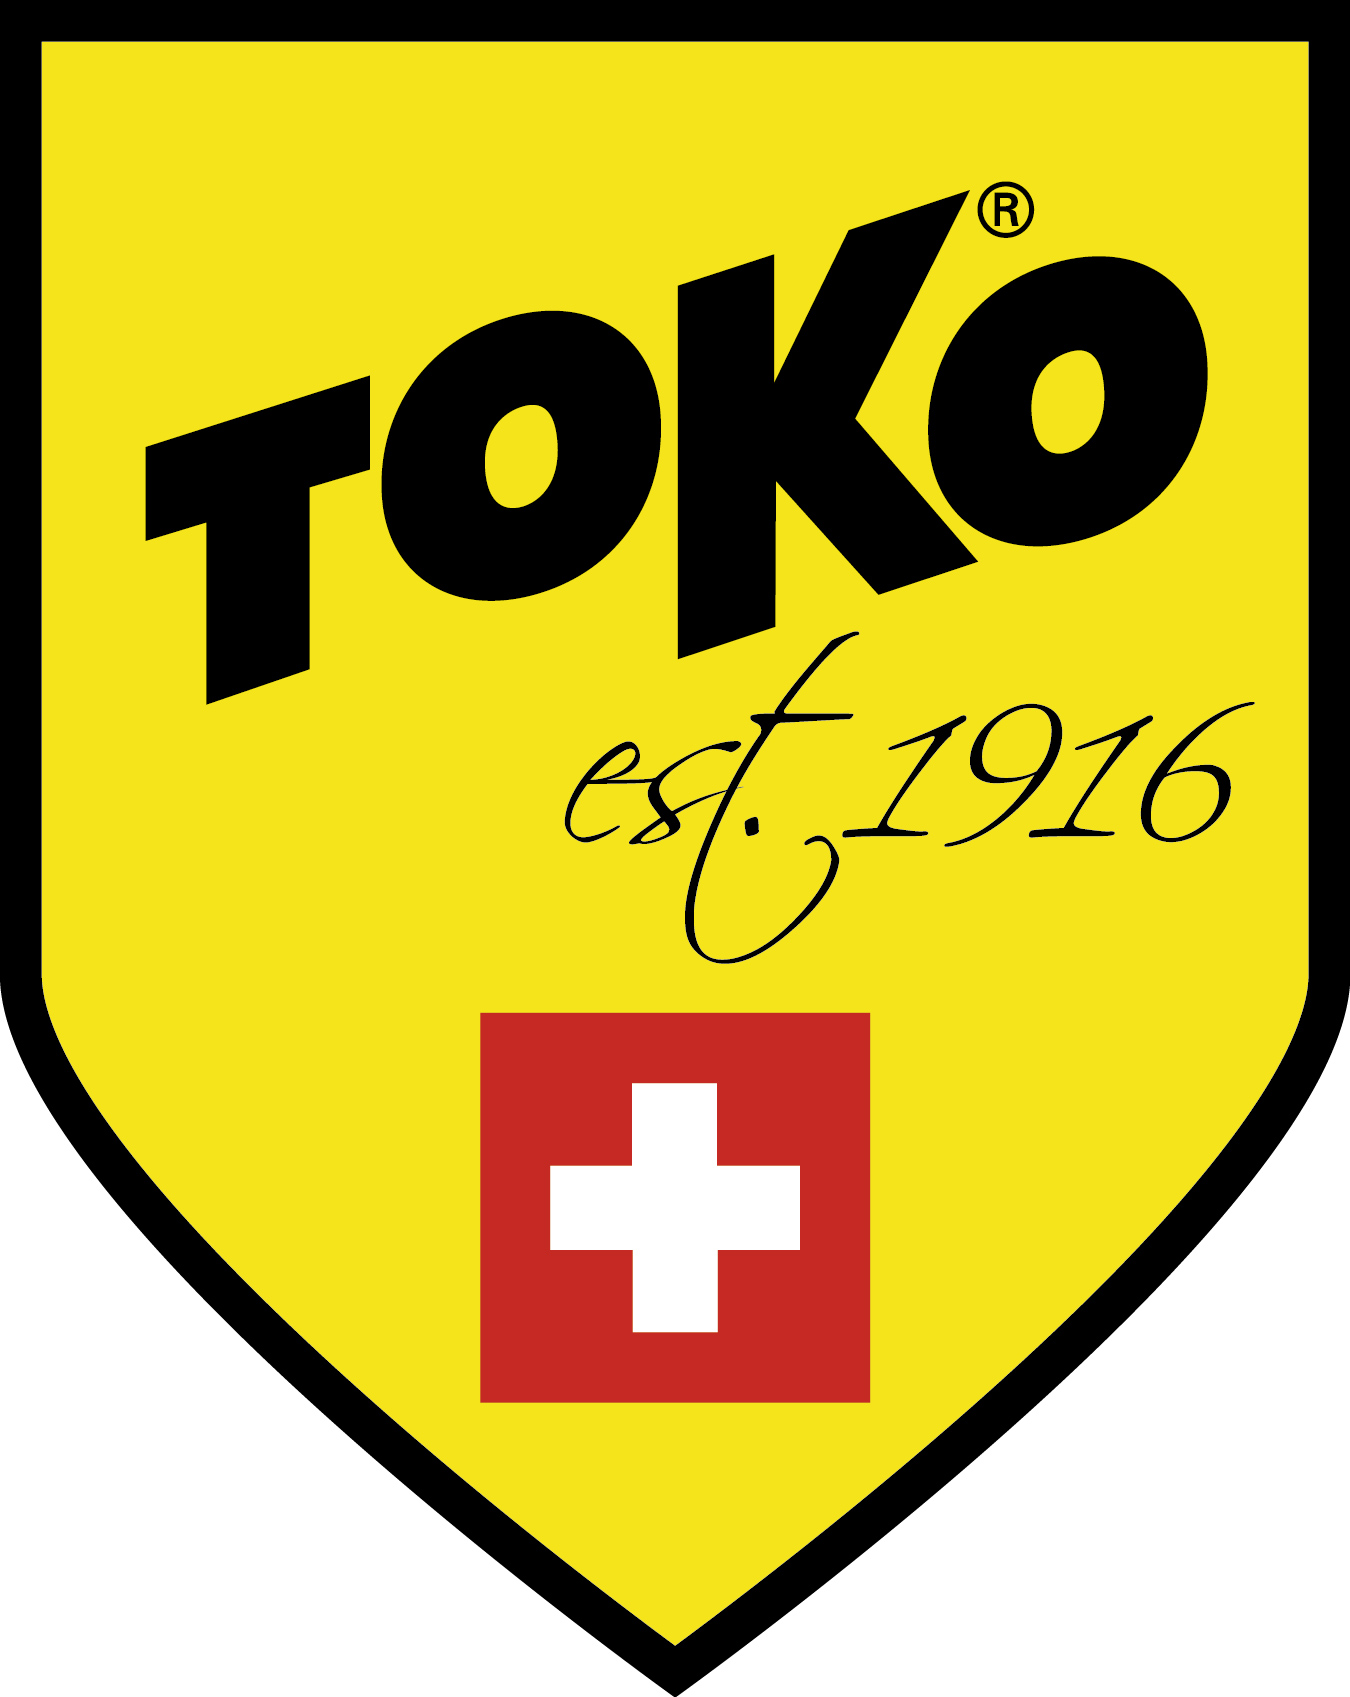 Toko_Wappen_6cm_RZ5c83cc83d8113